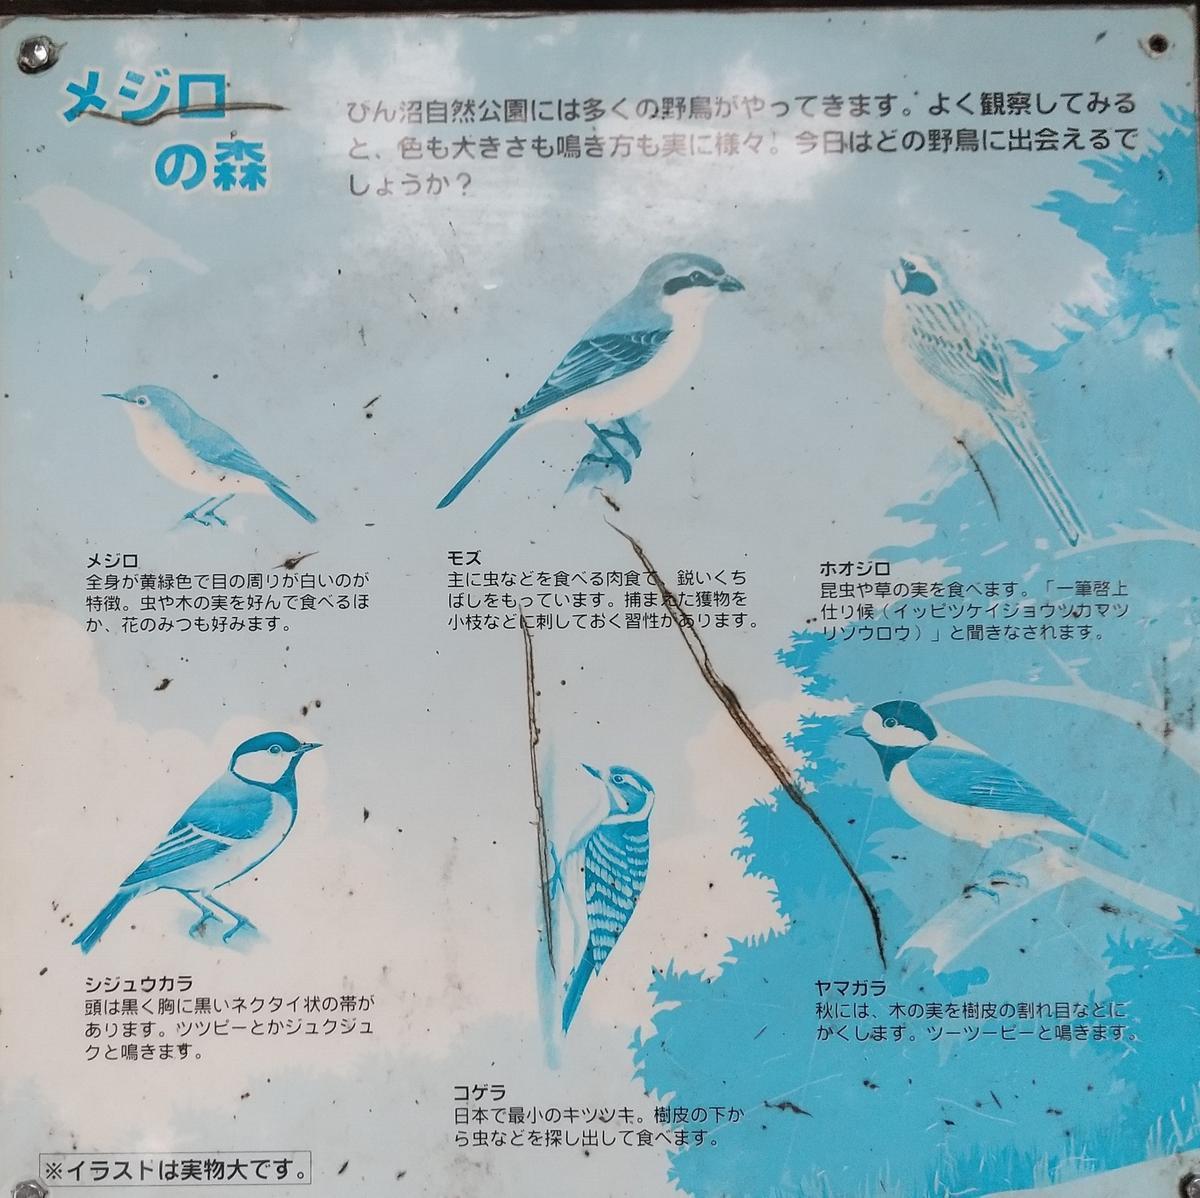 f:id:genta-san:20210911152132j:plain